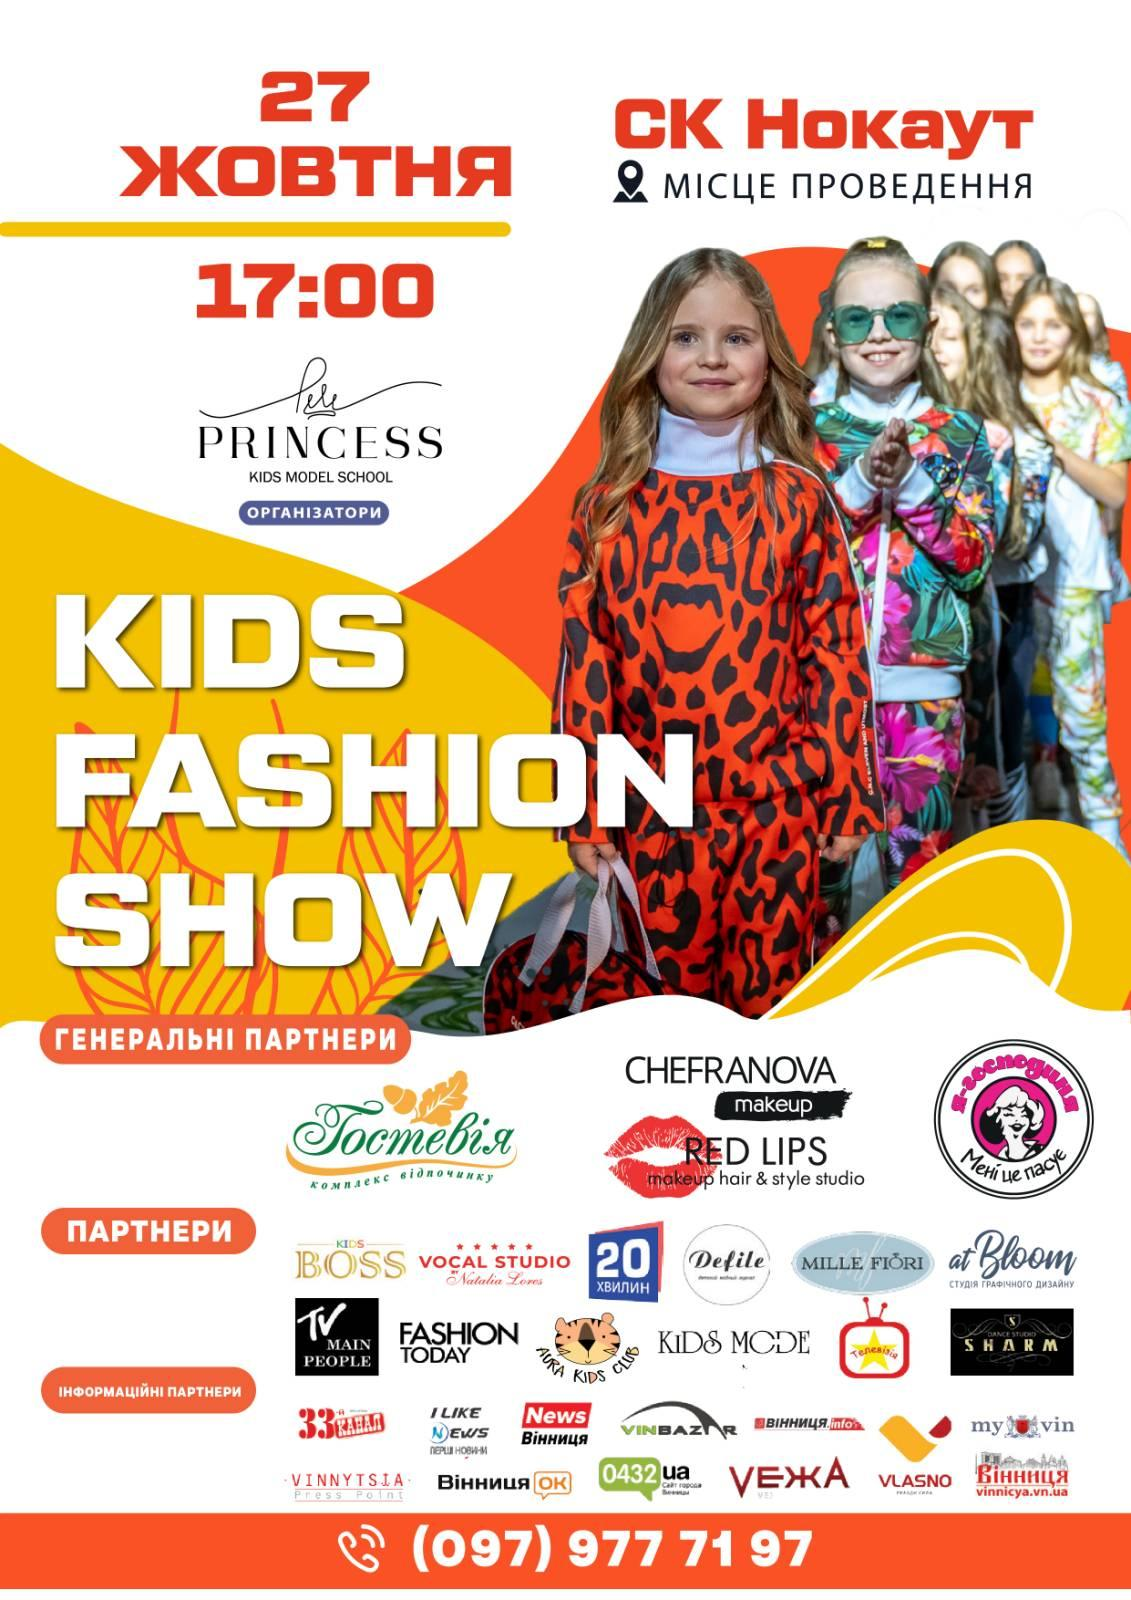 KidsFashionShow19/20: вінничан запрошують на показ дитячої моди від провідних дизайнерів України (Фото)